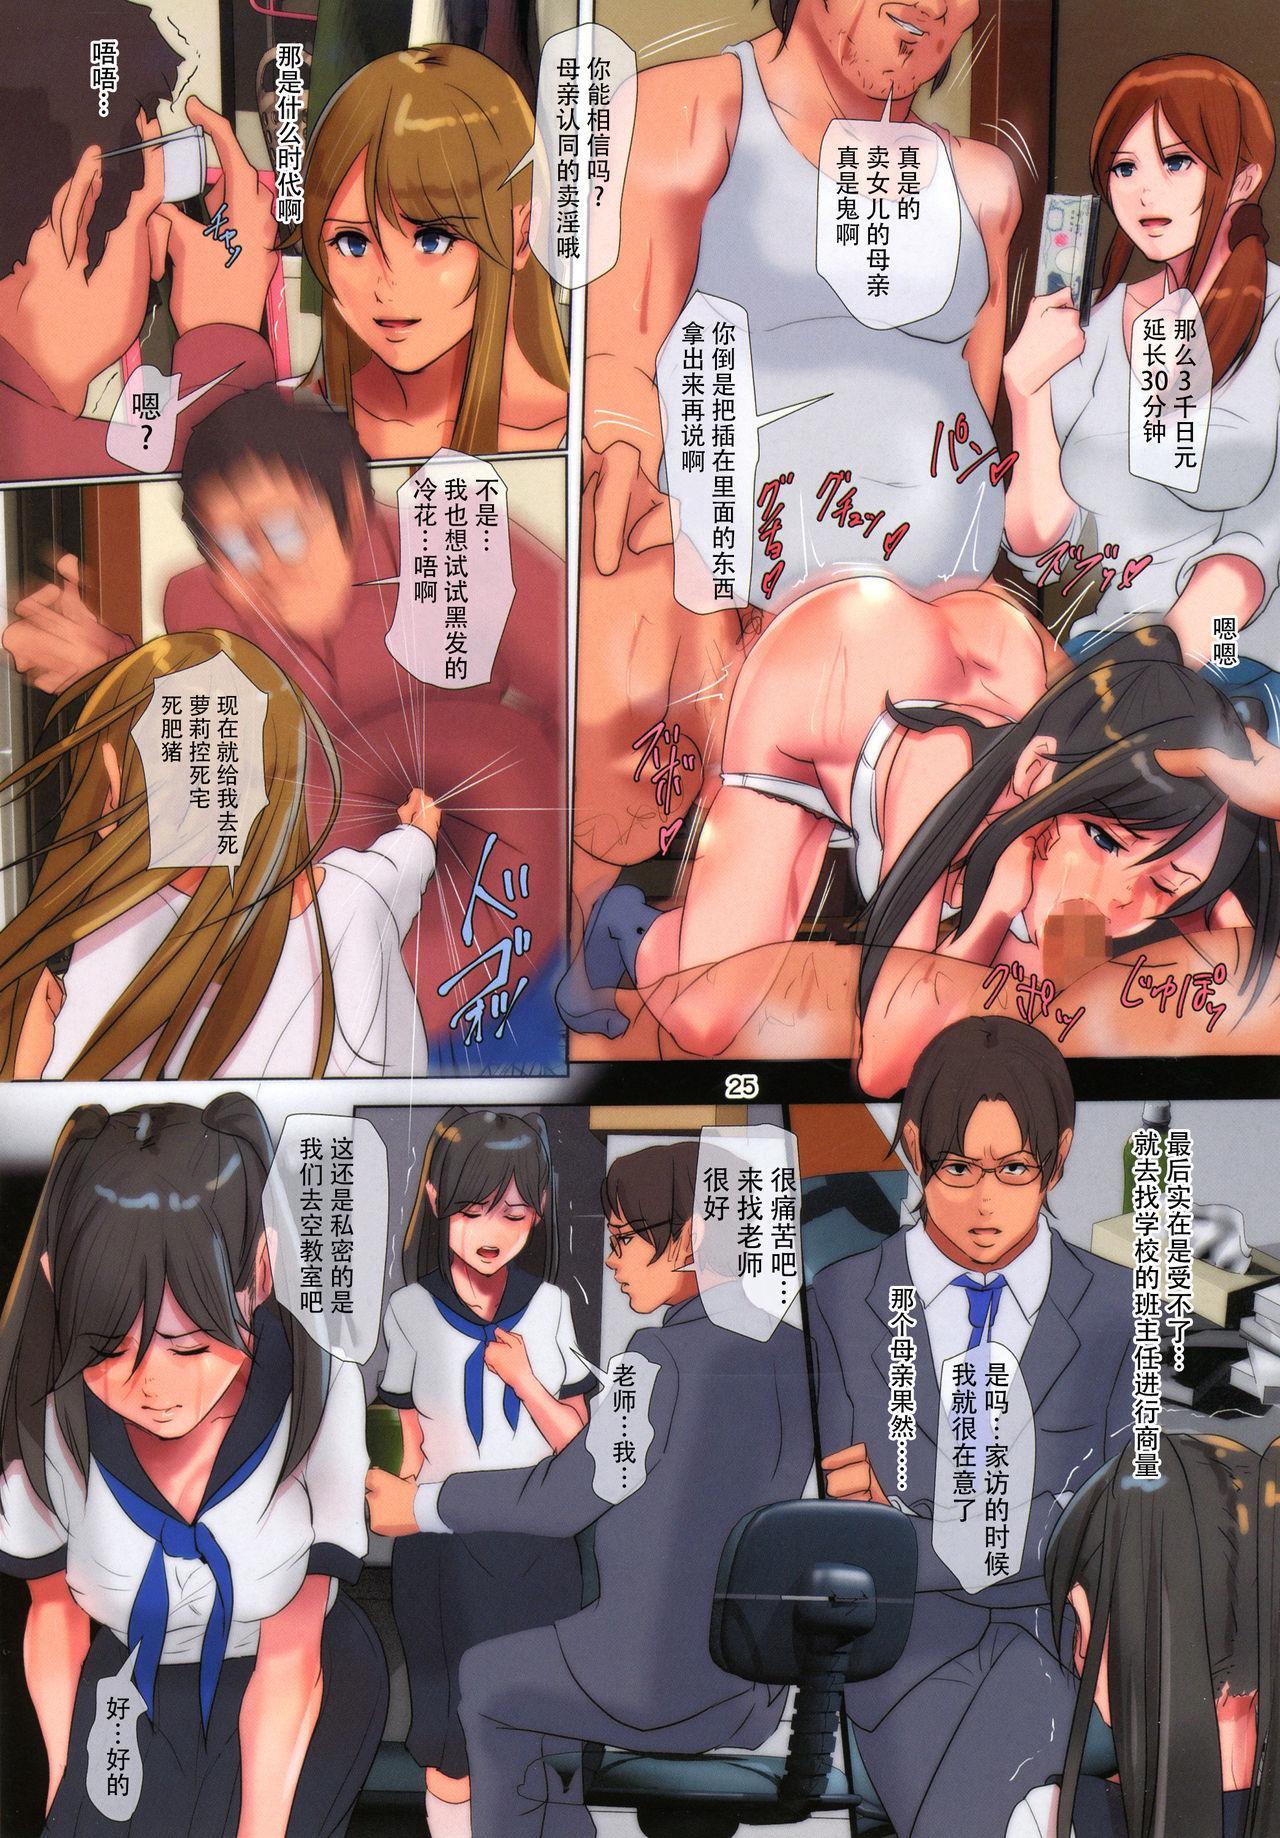 SinMother Bitch no Reika-chan Jo 24